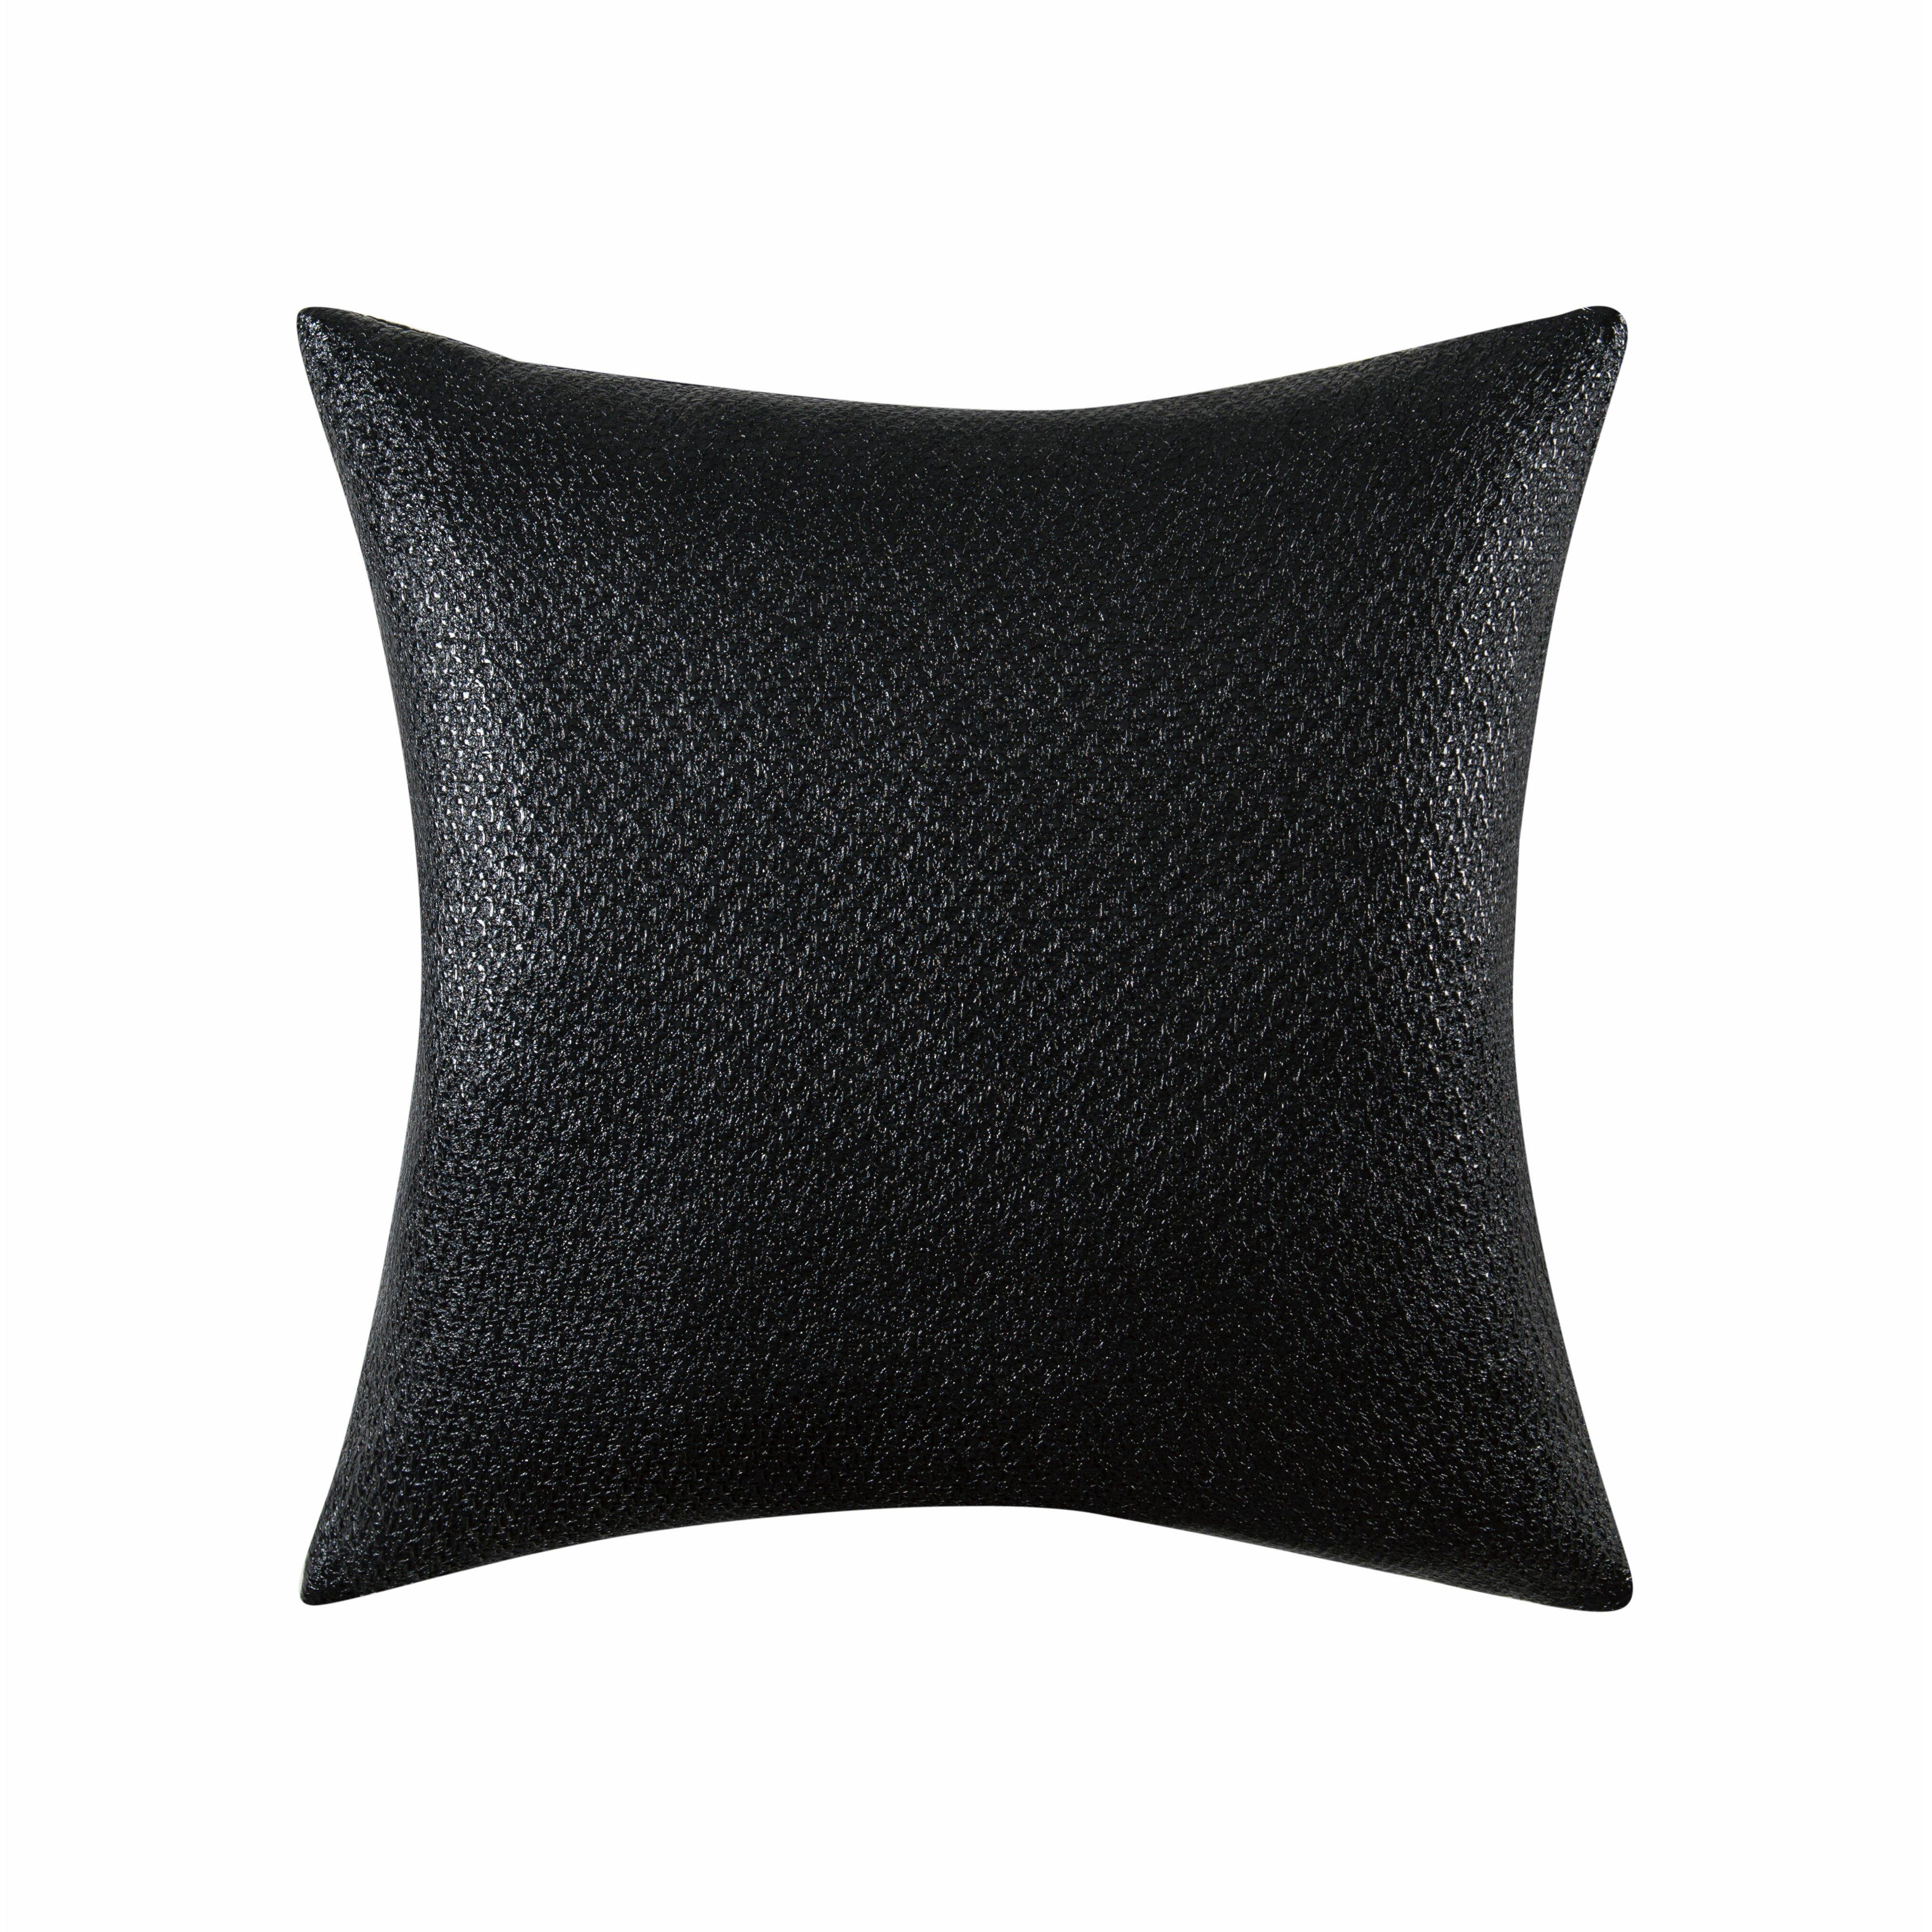 Vince Camuto Taos Pillow Wayfair